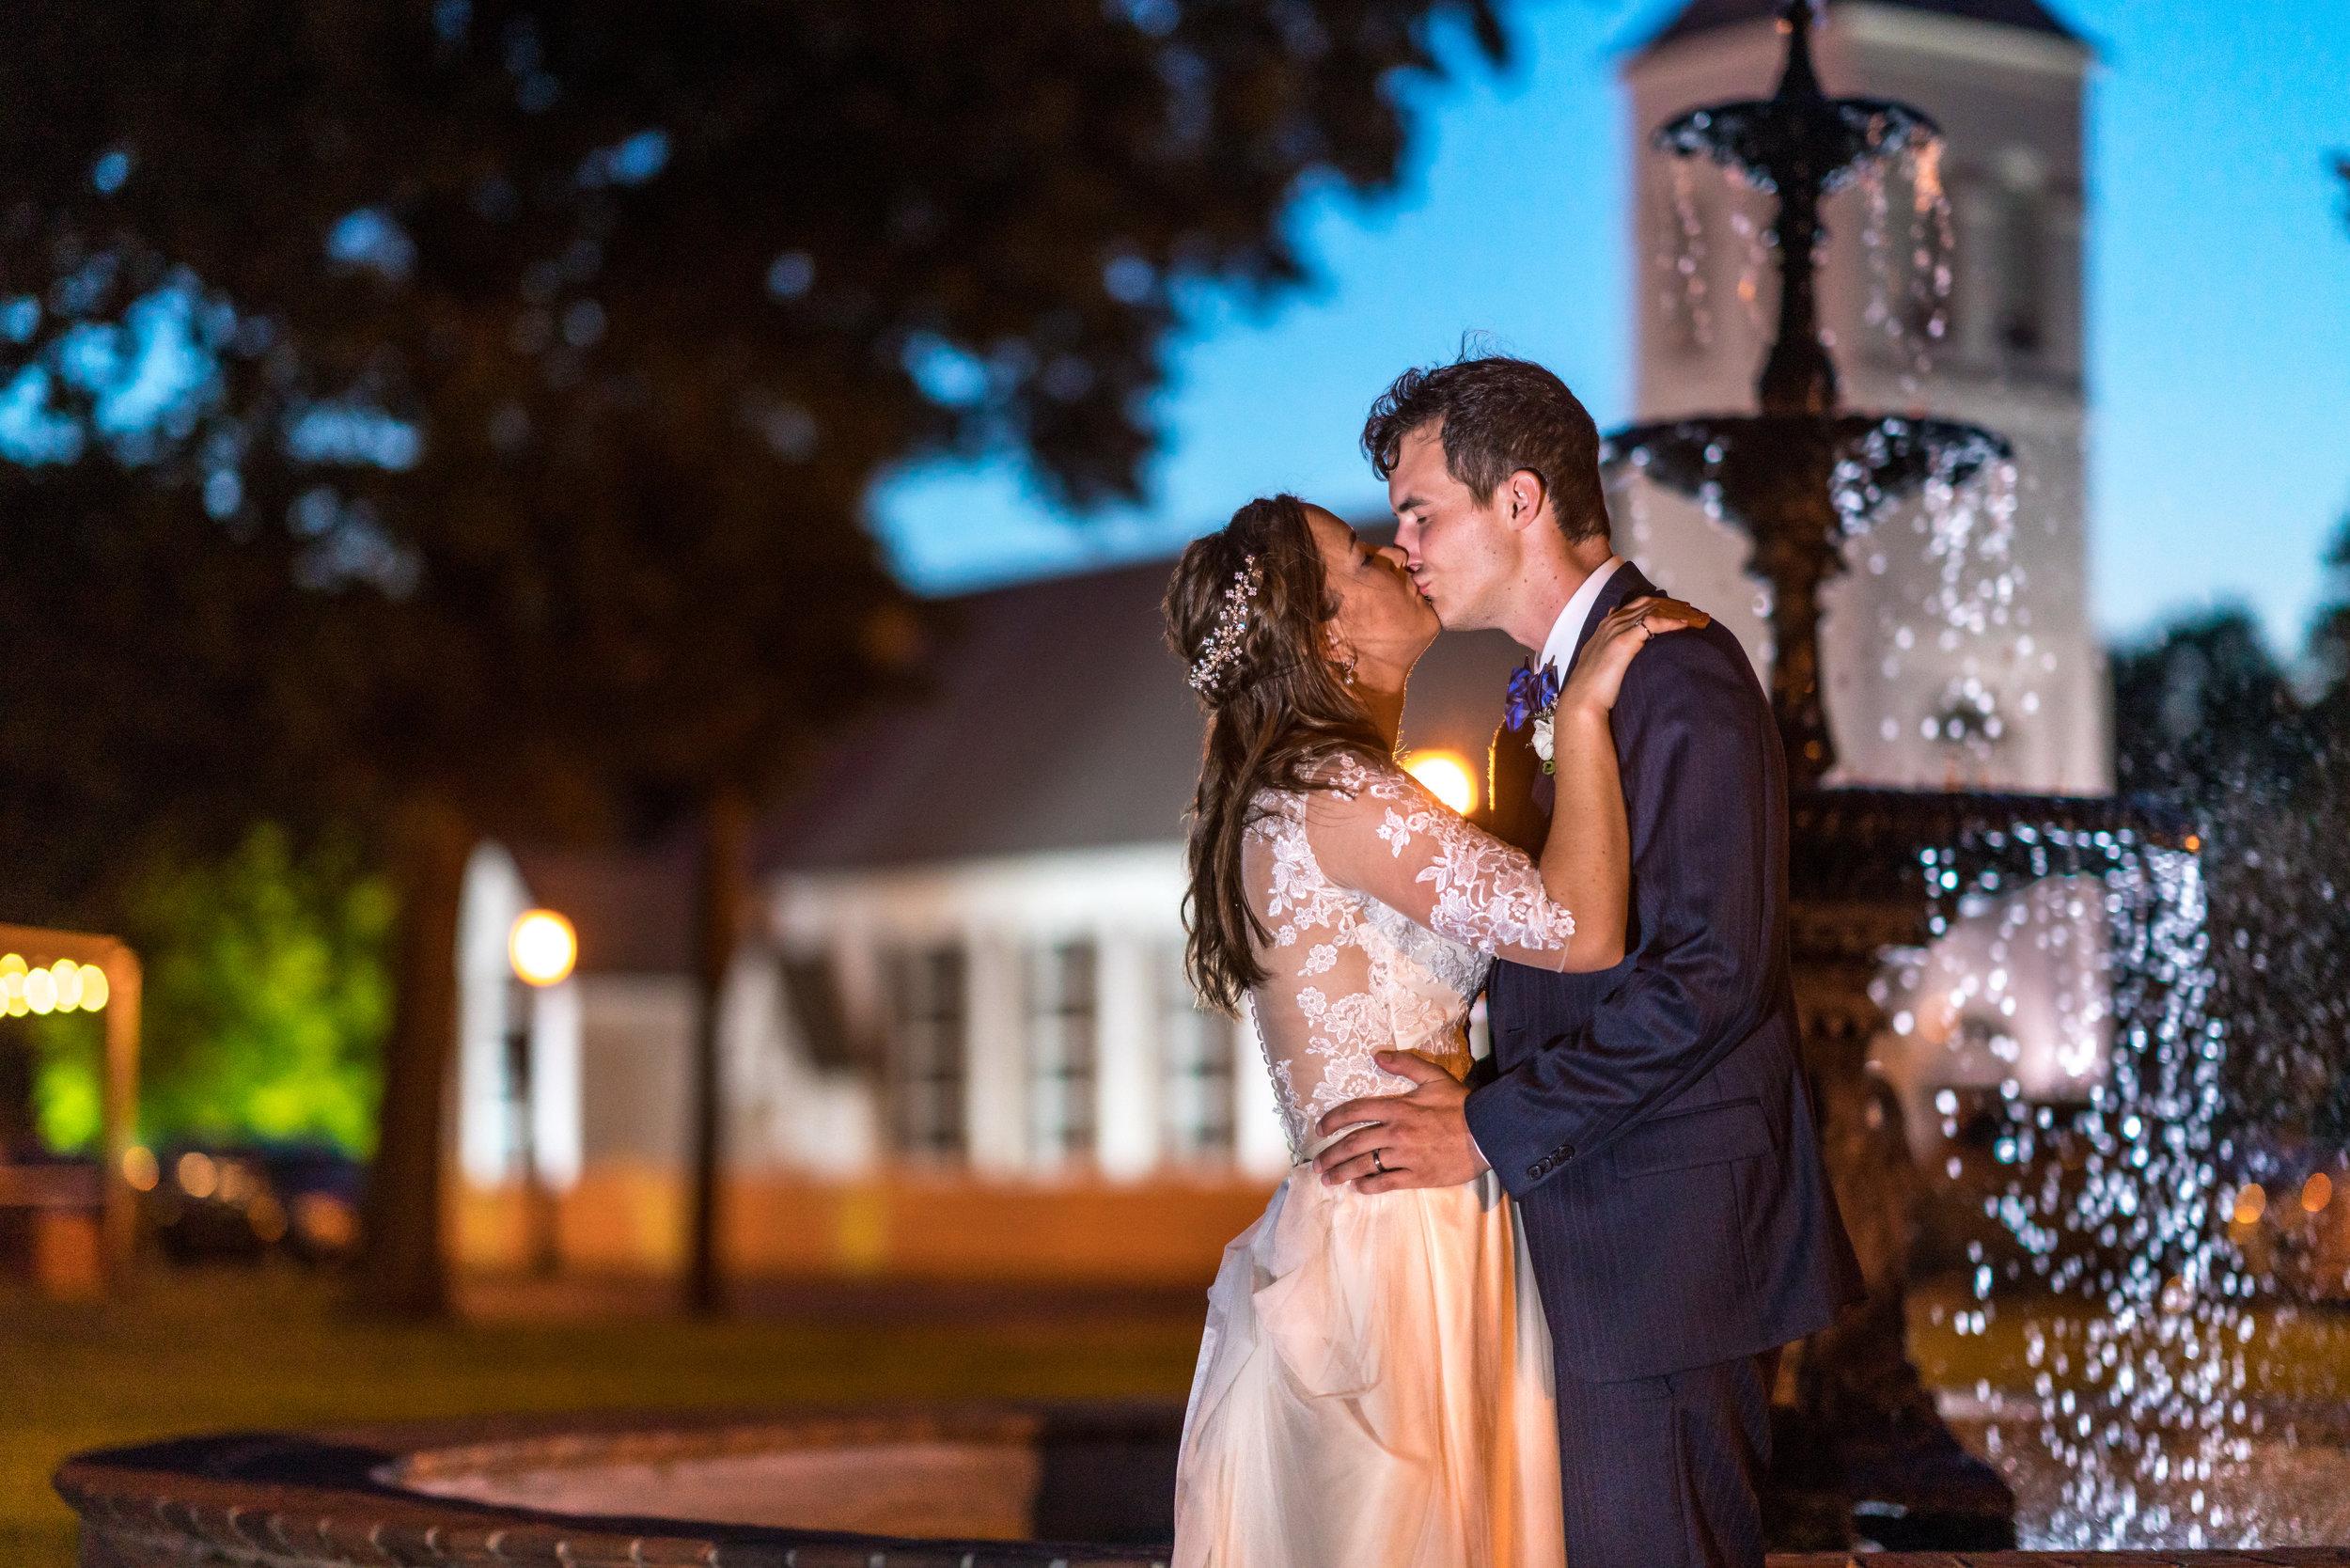 groom-bride-outdoor-wedding-ideas.jpg